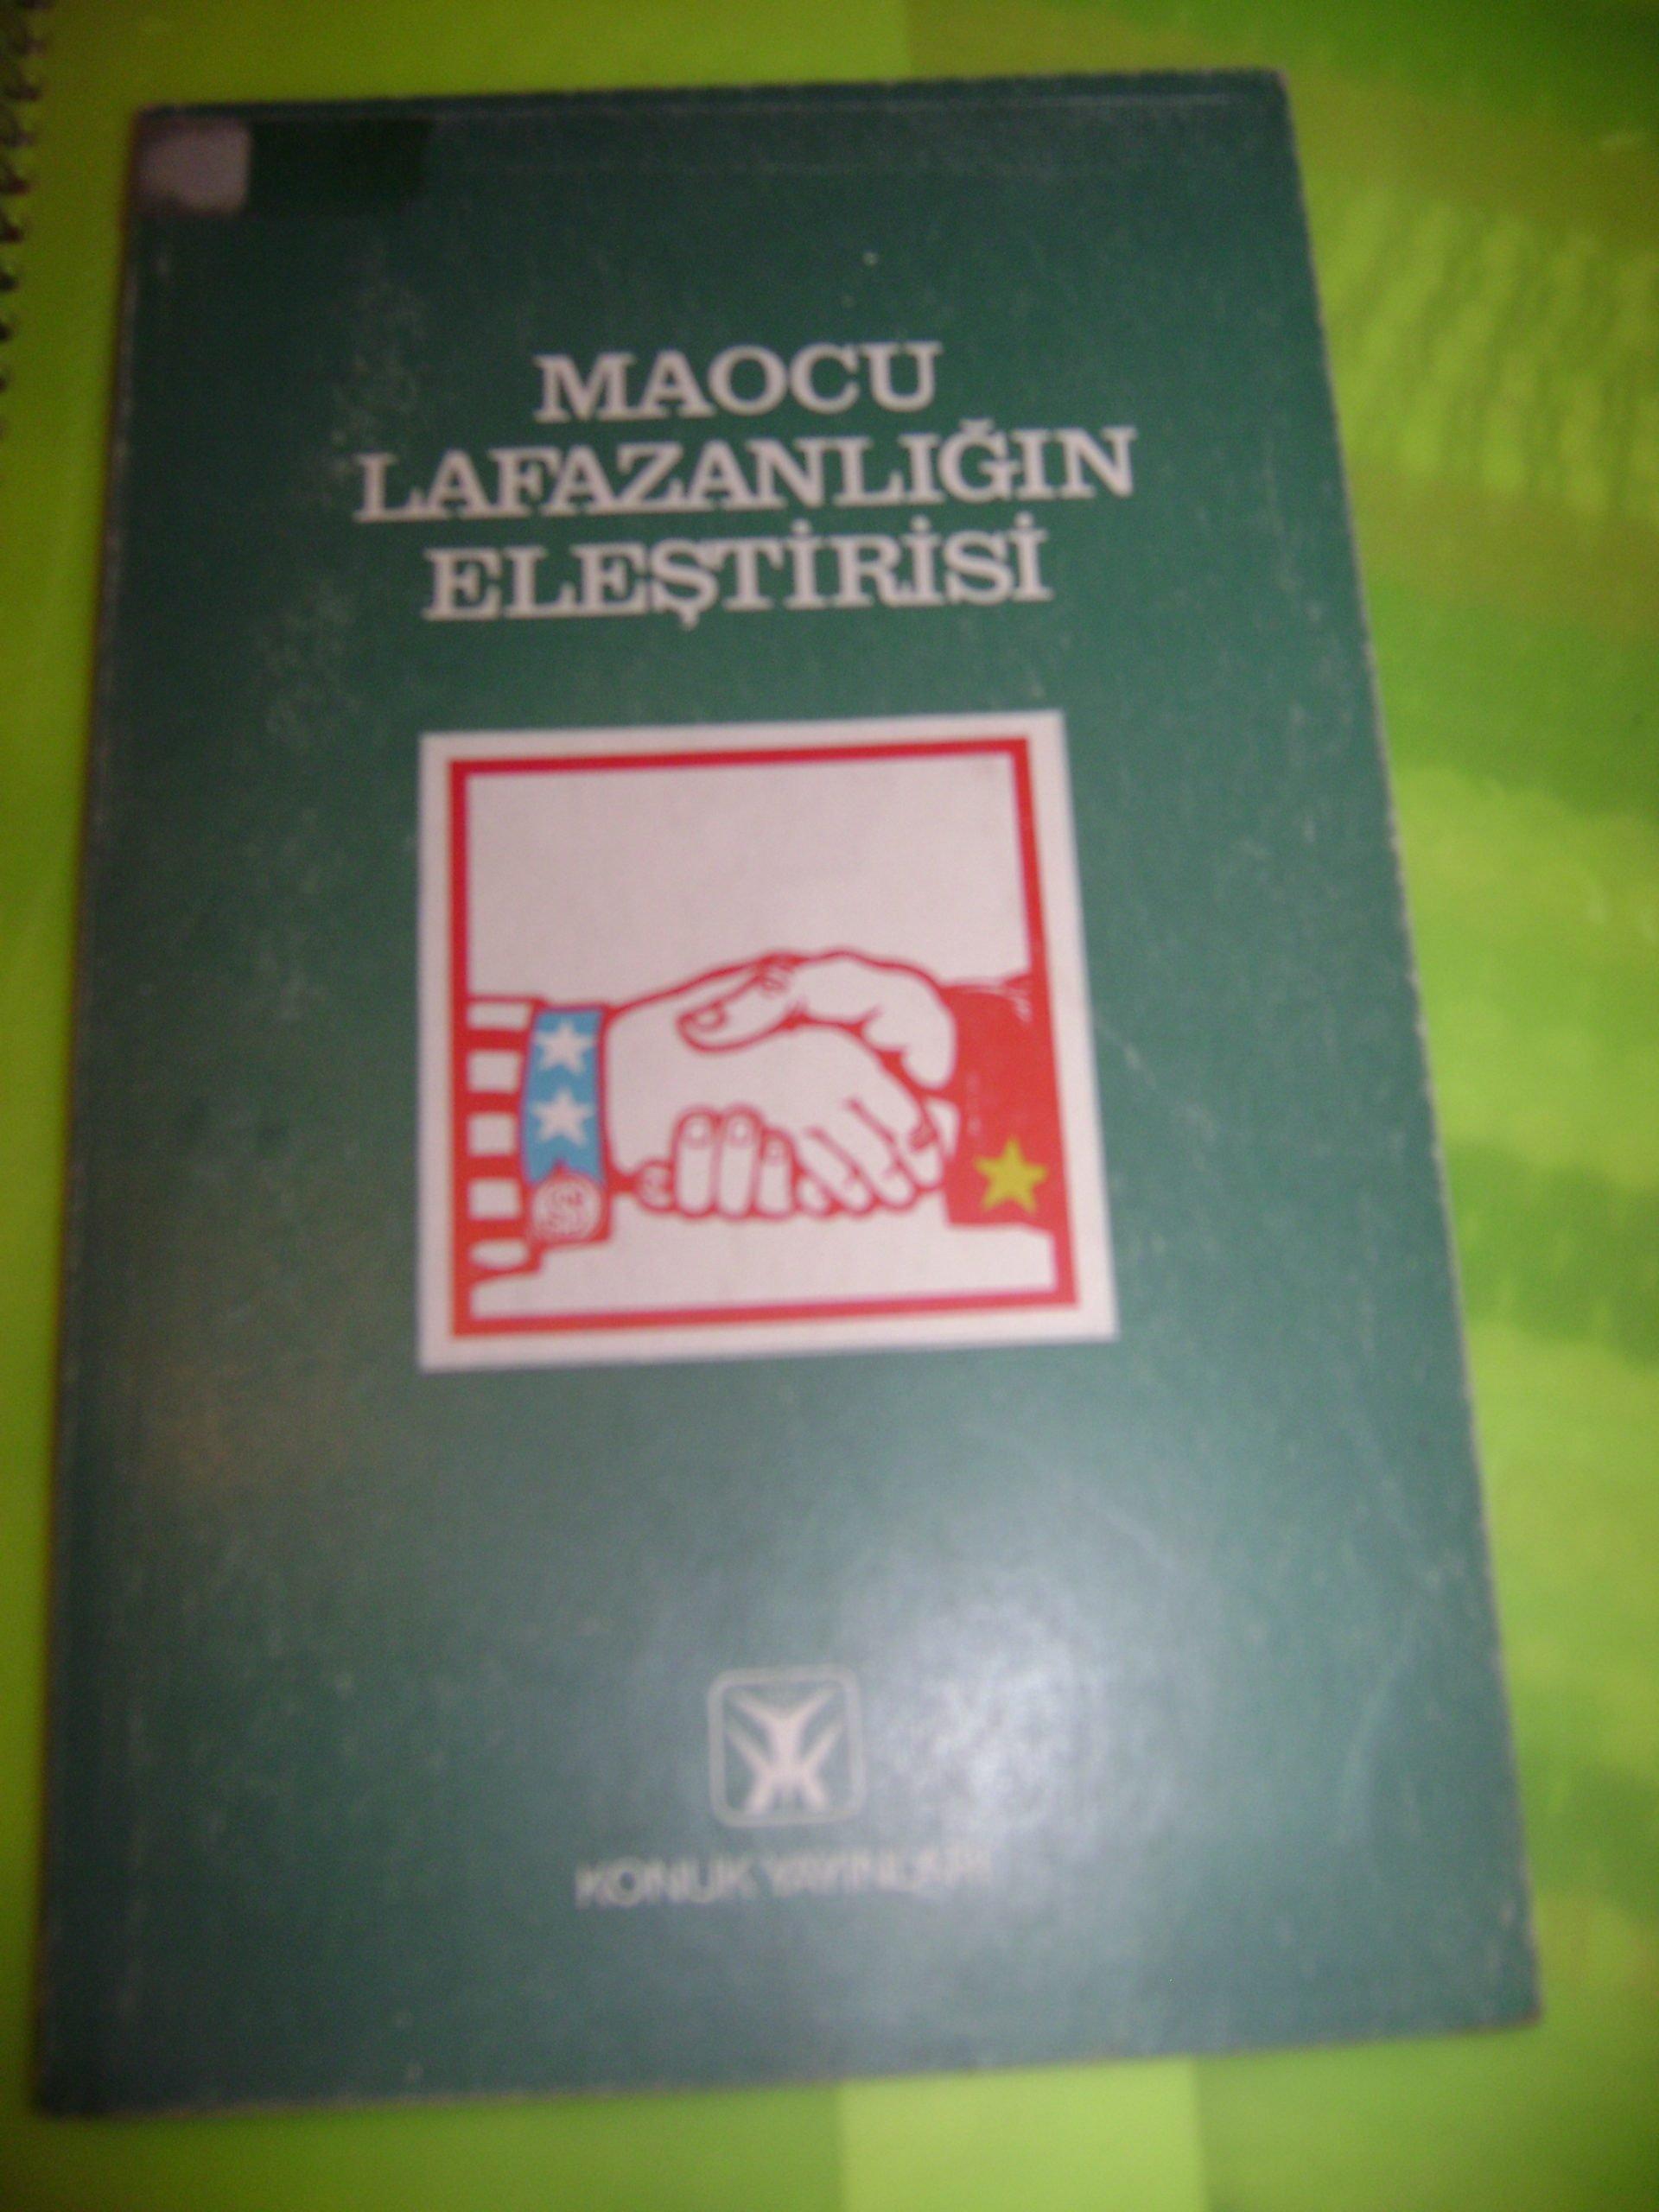 MAOCU LAFAZANLIĞIN ELEŞTİRİSİ/Konuk yayınları/10 tl